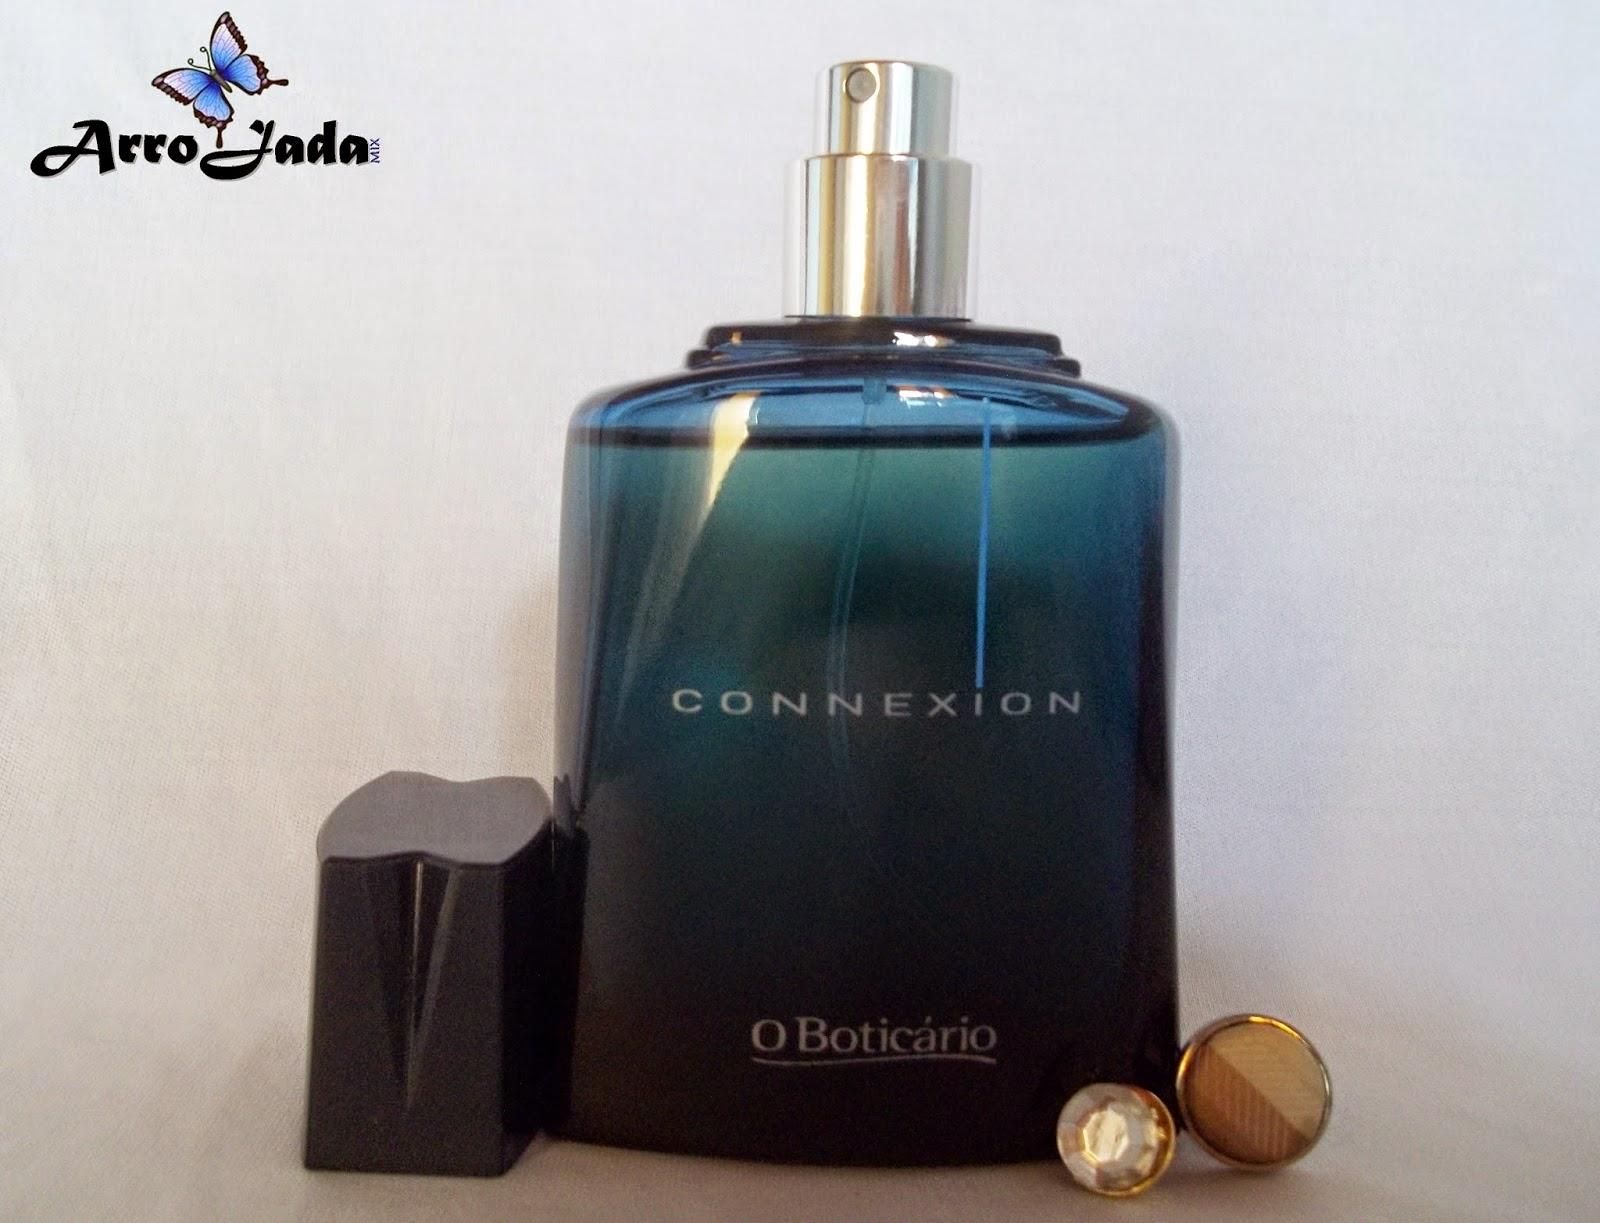 Perfume O Boticário Connexion